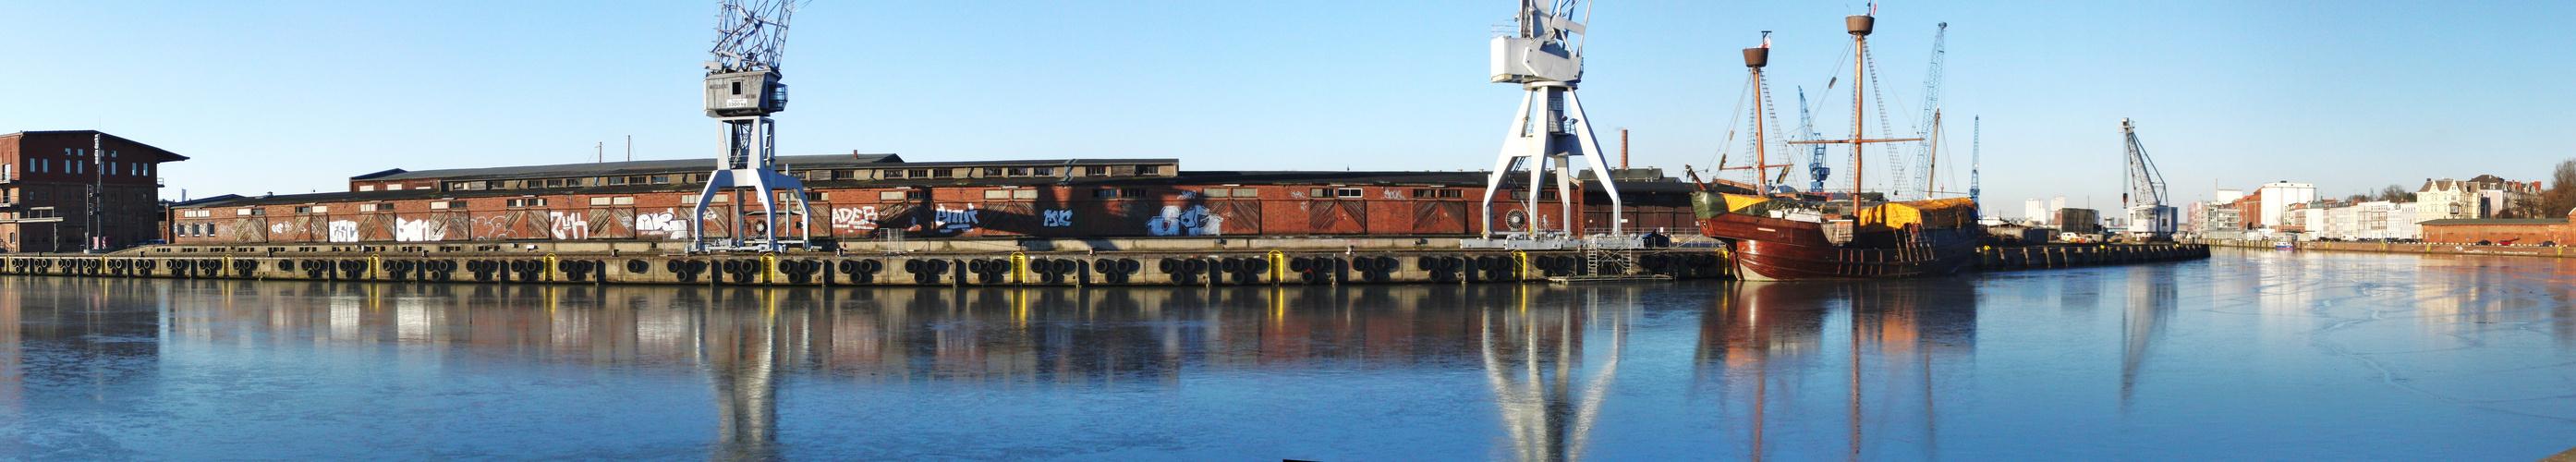 """Krawel-Lisa von Lübeck- am Kai-""""Anlegesteg""""-Schiffswerft-Wallhalbinsel-Lübeck !"""